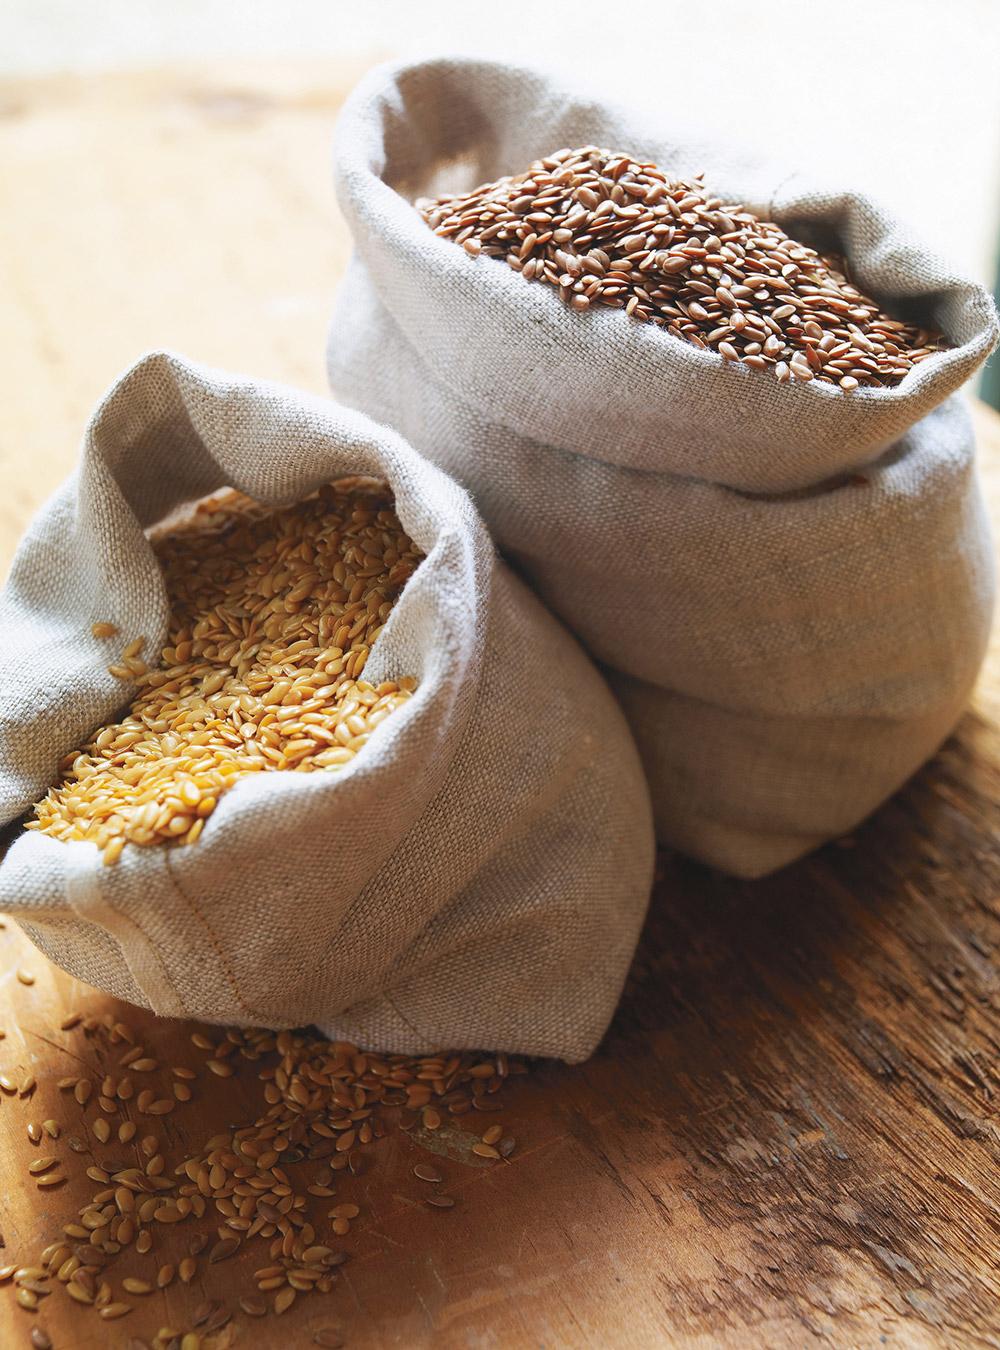 Comment Moudre Les Graines De Lin : comment, moudre, graines, Crêpes, Fines, Graines, Ricardo